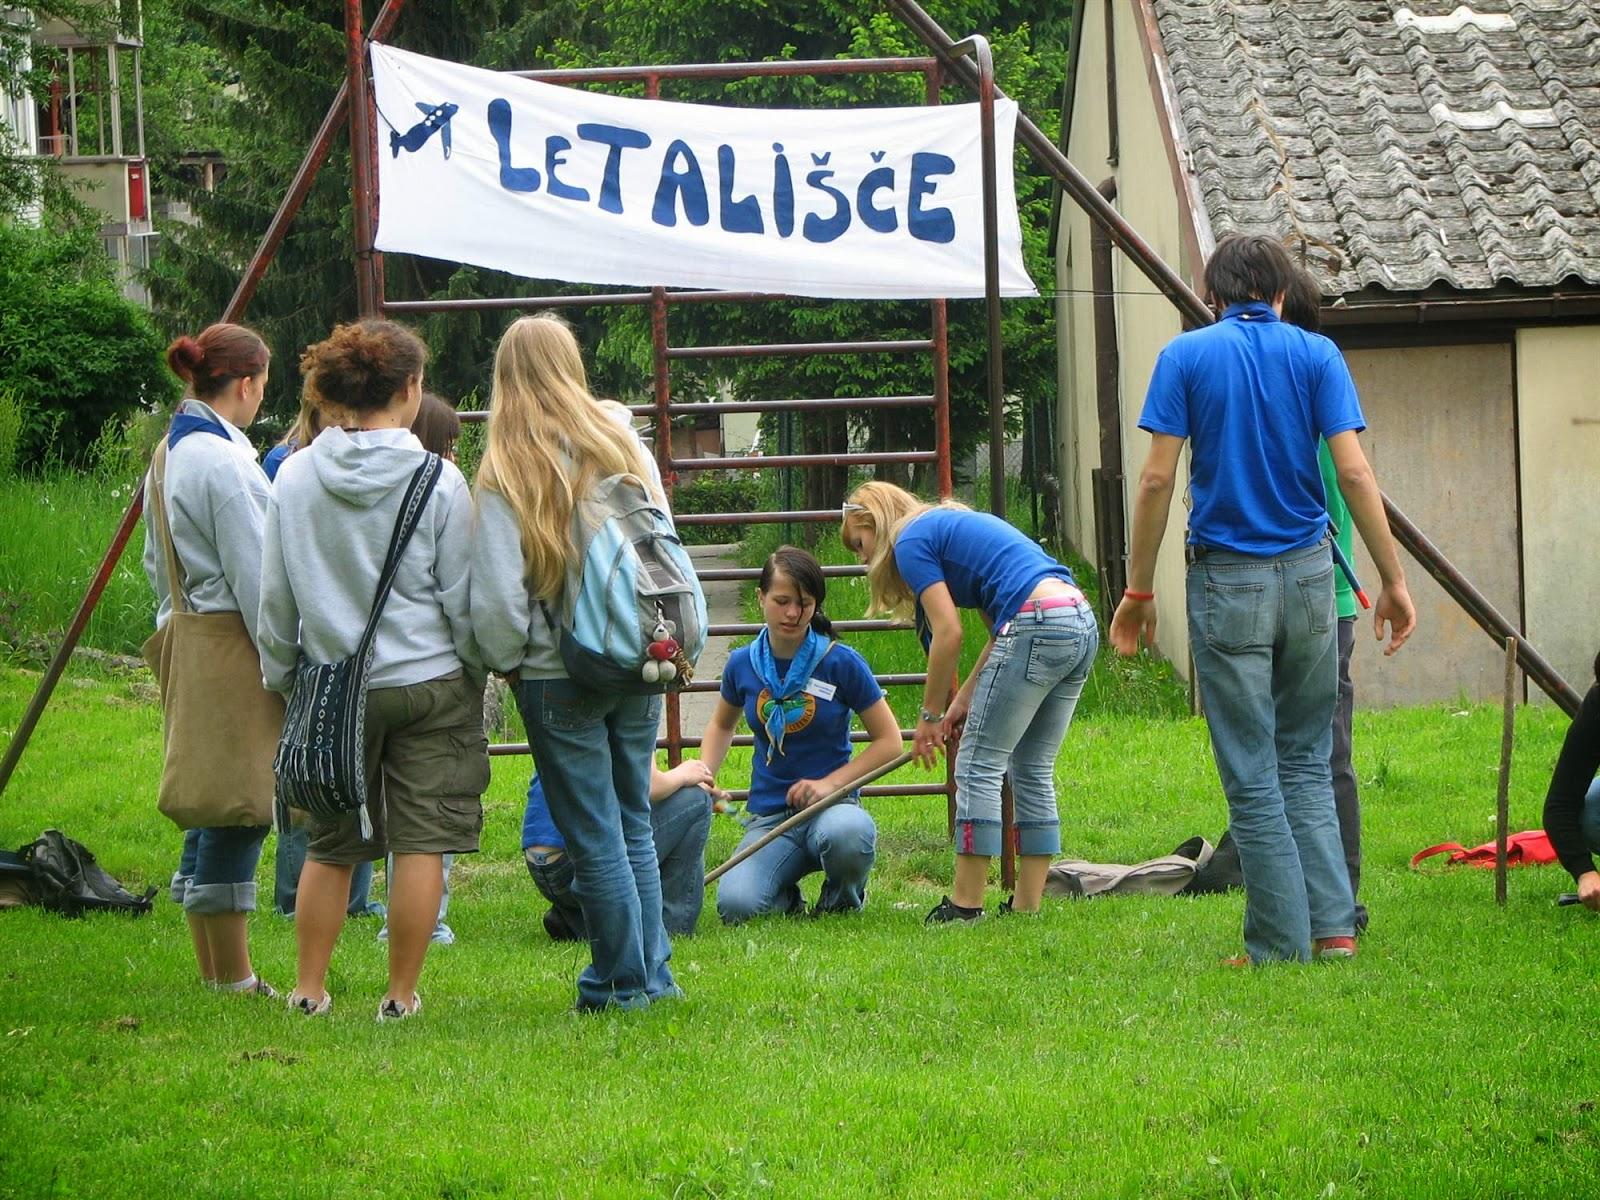 Področni mnogoboj MČ, Ilirska Bistrica 2006 - pics%2B033.jpg